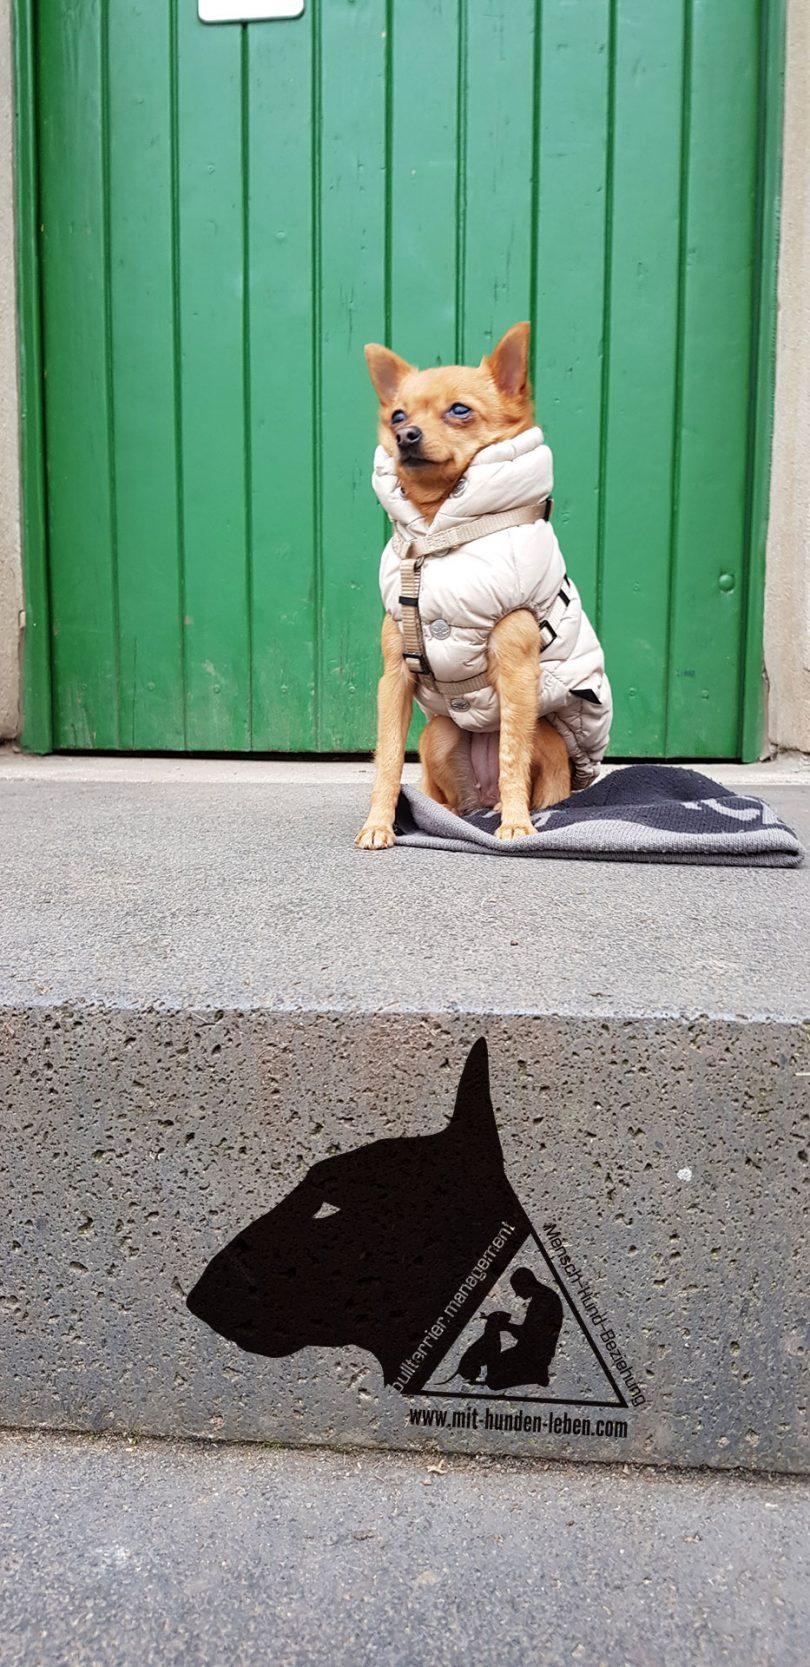 Kleiner-Hund-ganz-gross